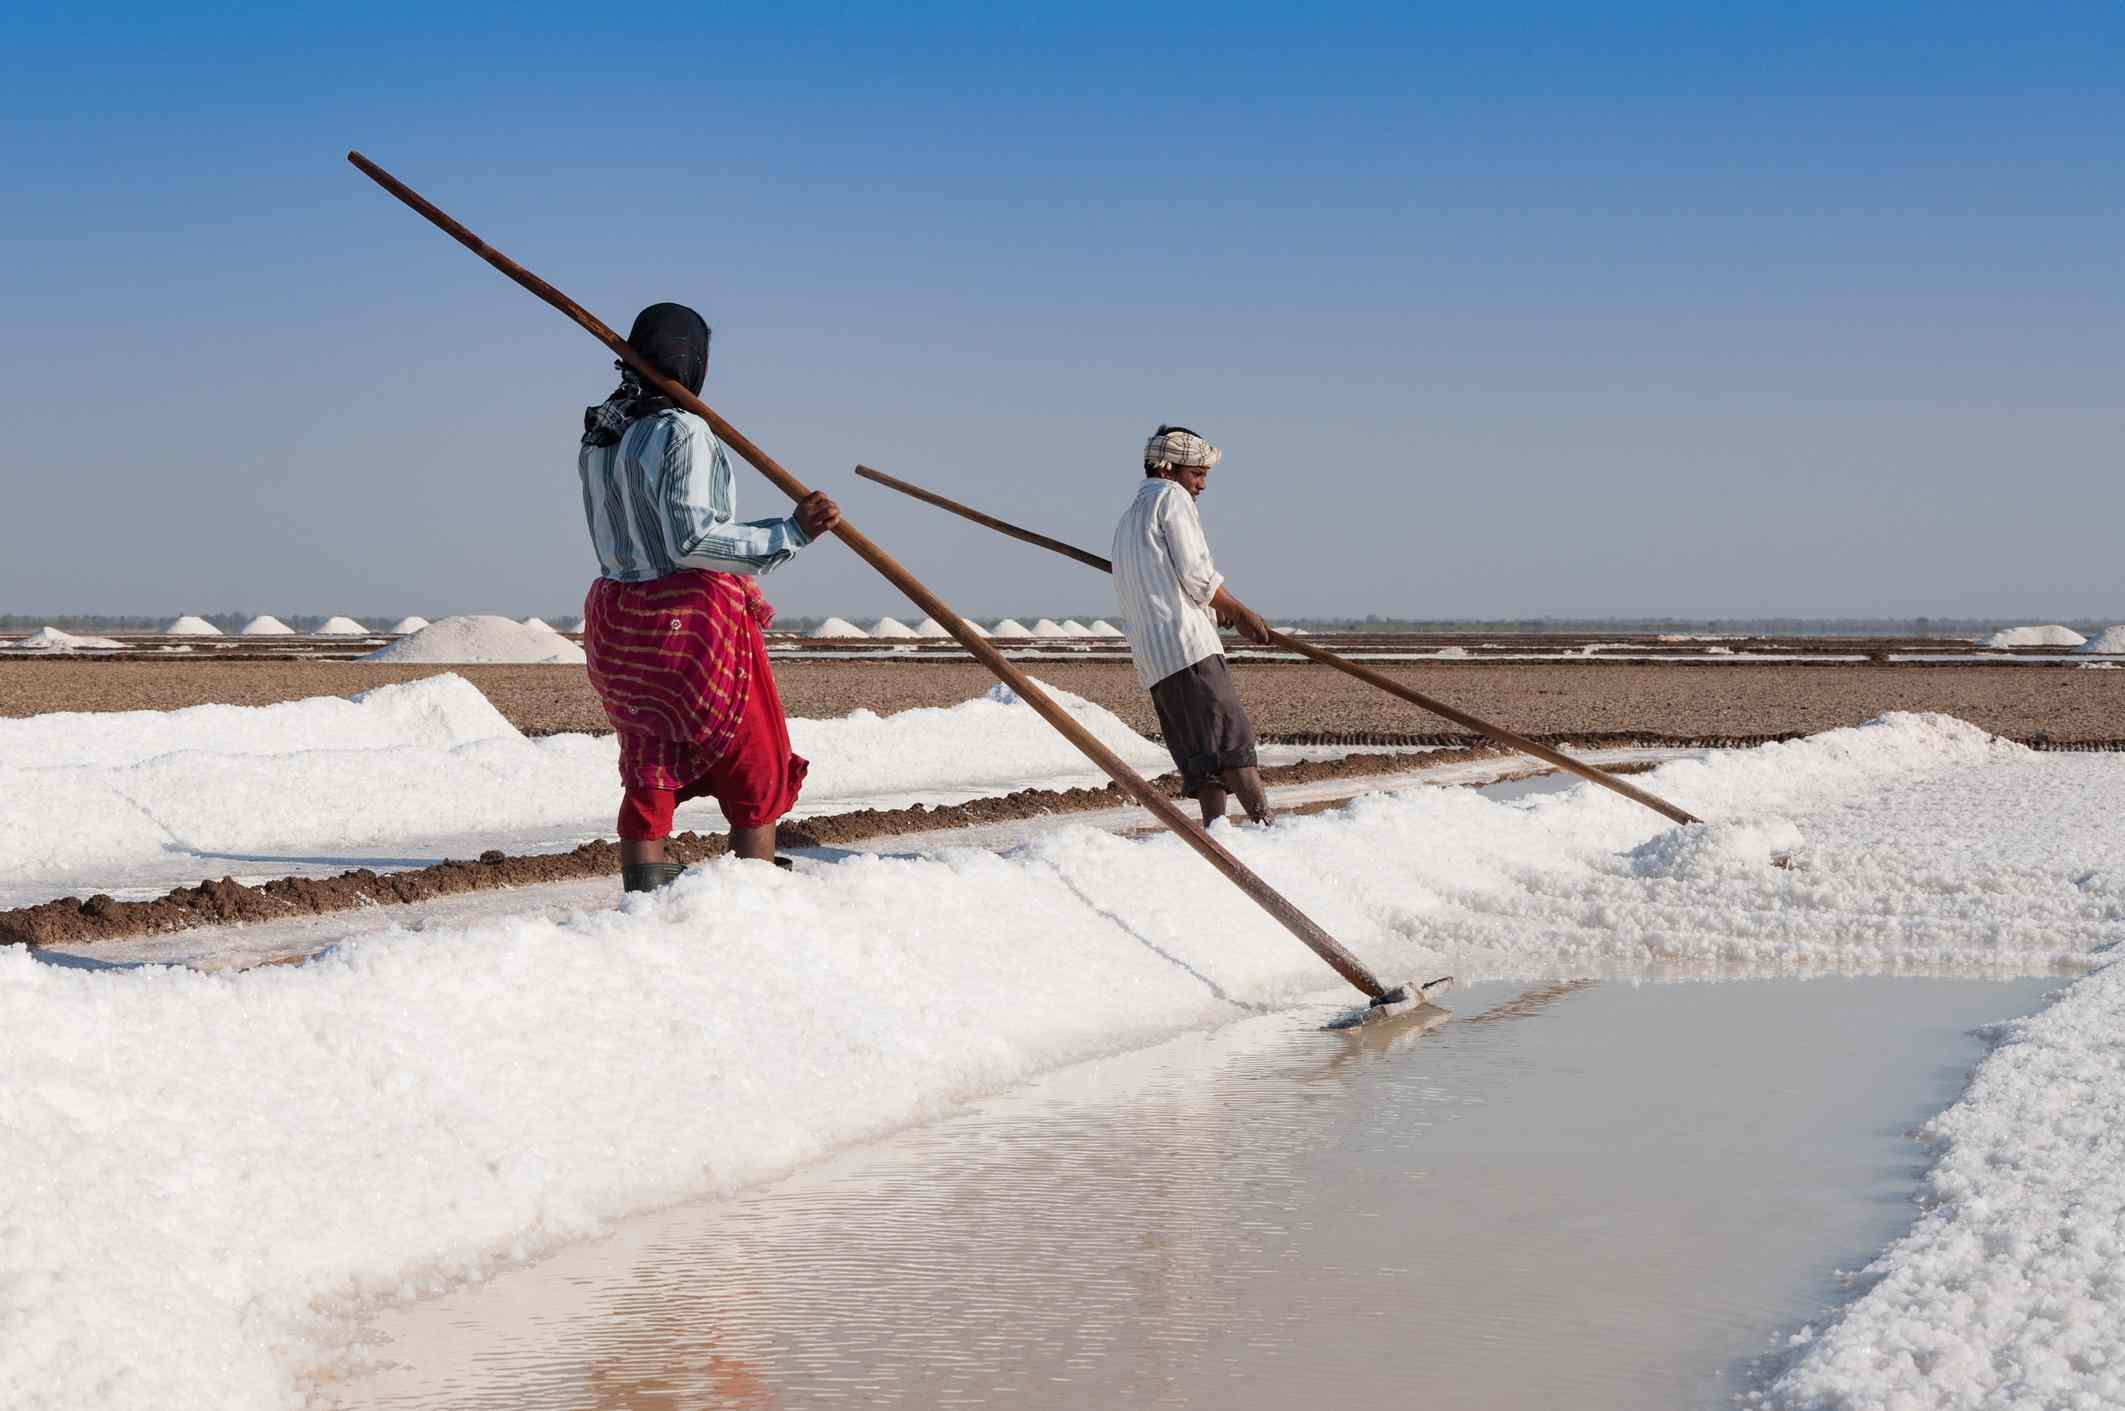 Salt workers in the Little Rann of Kutch, Gujarat